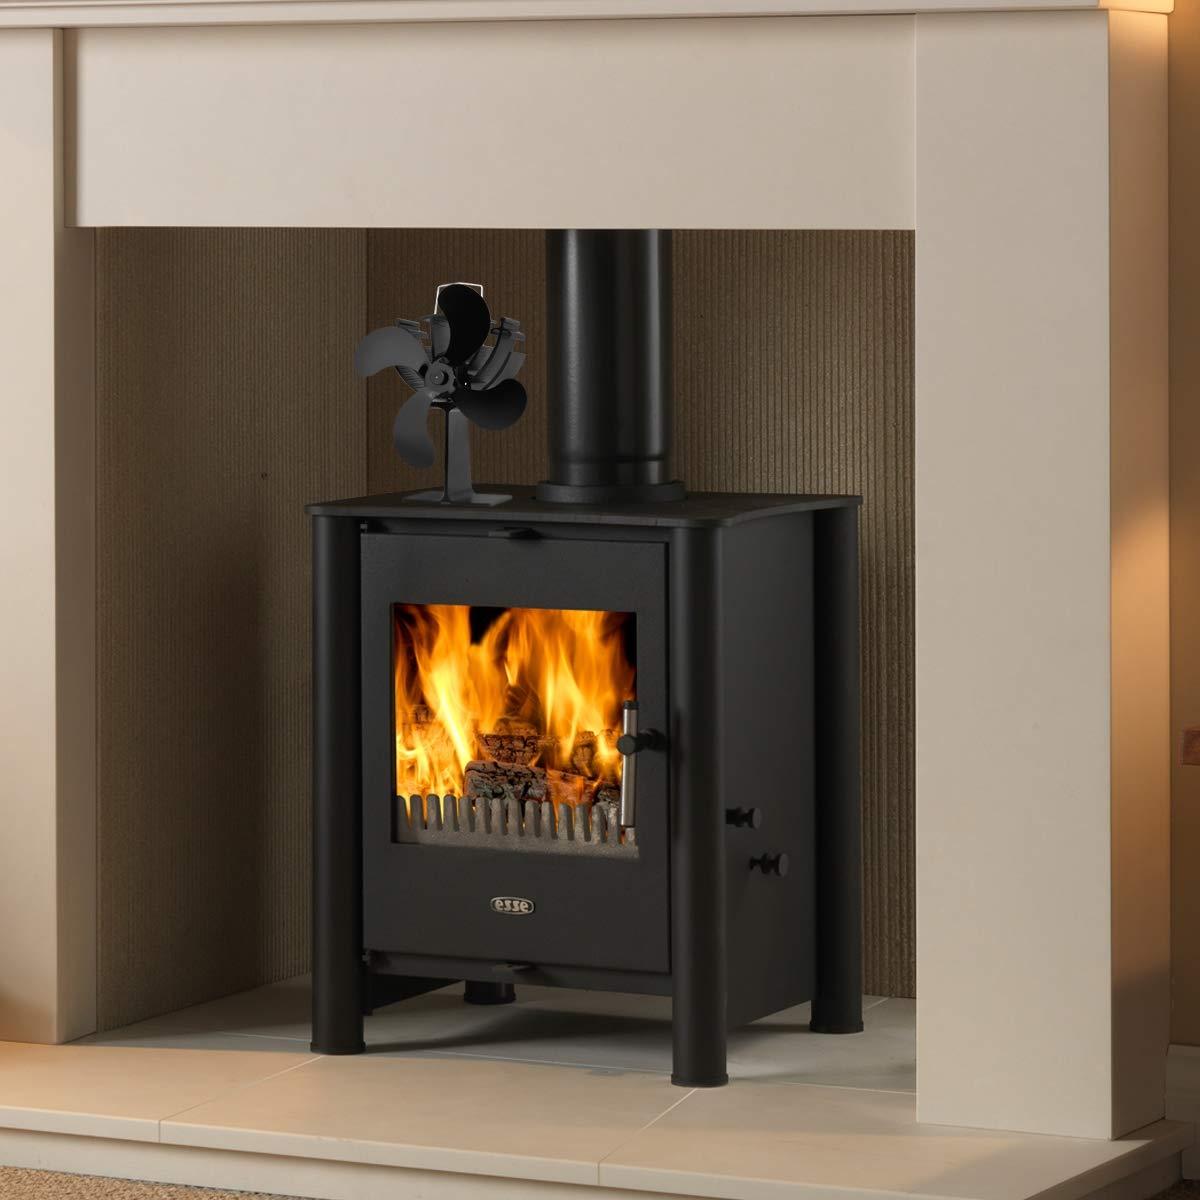 Ventilador de la estufa de la estufa del ventilador de 4 láminas de calor para la chimenea de madera, hornilla del registro, ultra operación silenciosa 4 ...